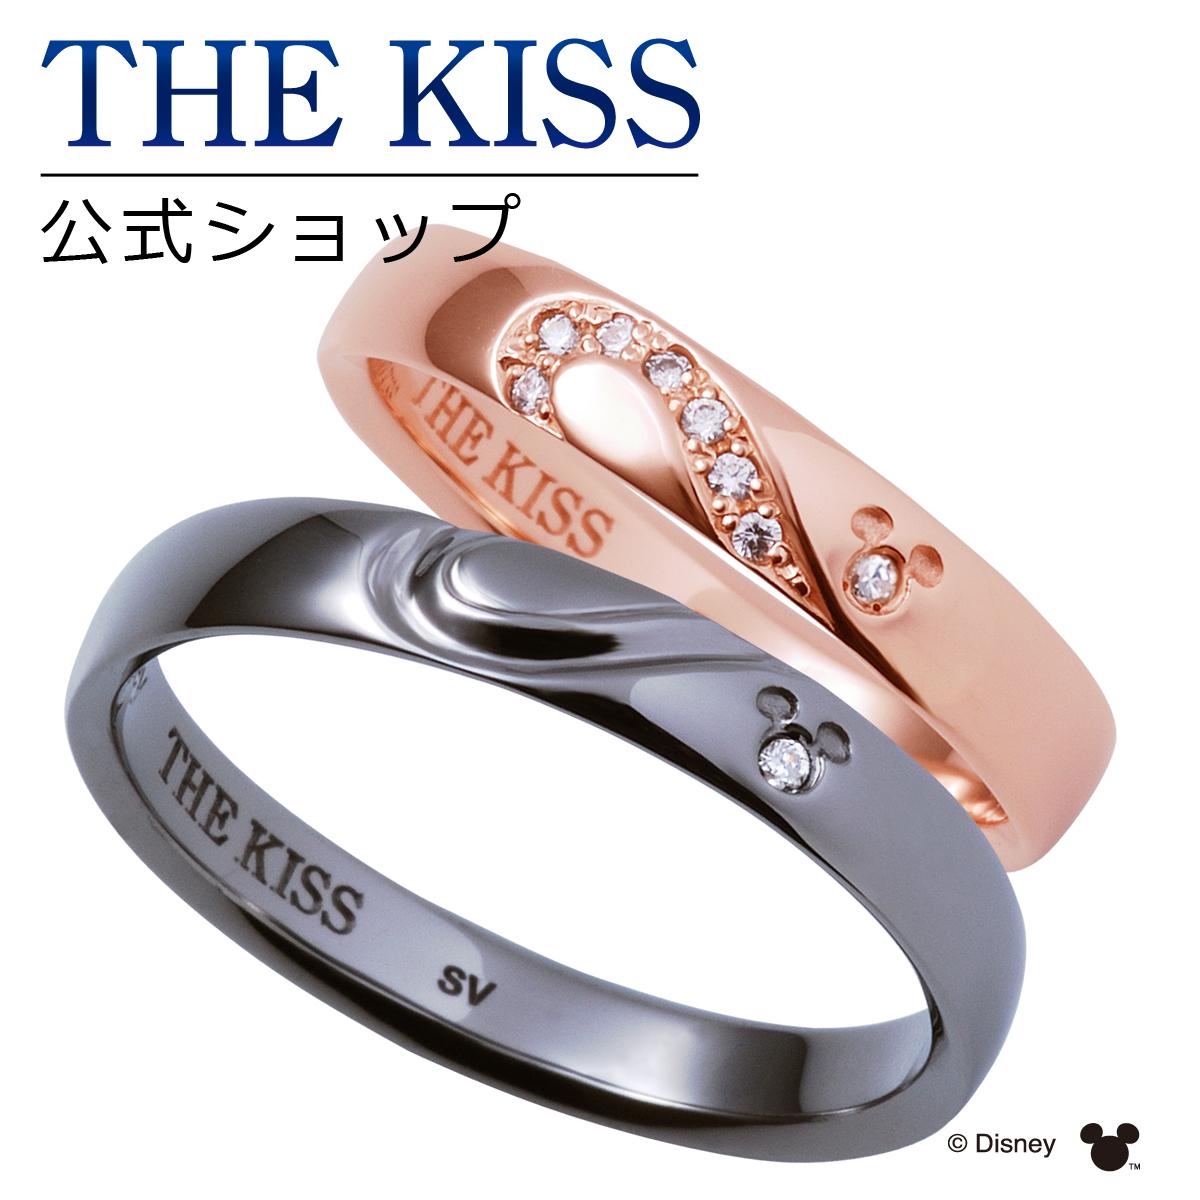 【あす楽対応】【ディズニーコレクション】 ディズニー / ペアリング / 隠れミッキーマウス / THE KISS リング・指輪 シルバー ダイヤモンド DI-SR6000DM-6001DM セット シンプル ザキス 【送料無料】